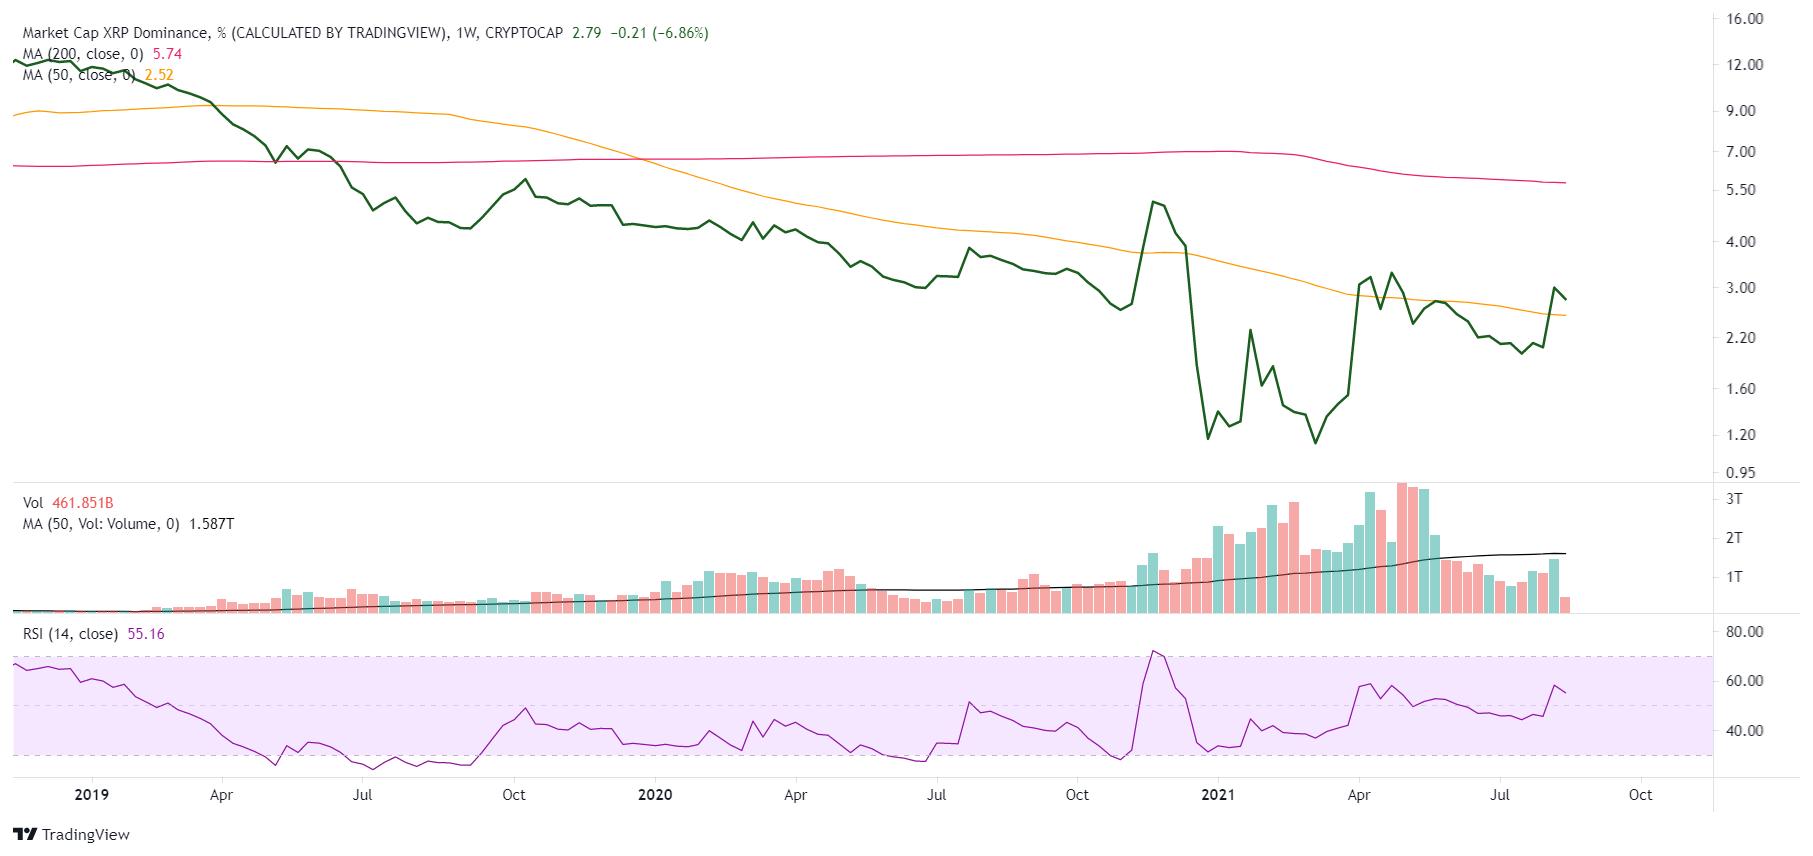 Pourcentage XRP du marché des crypto-monnaies